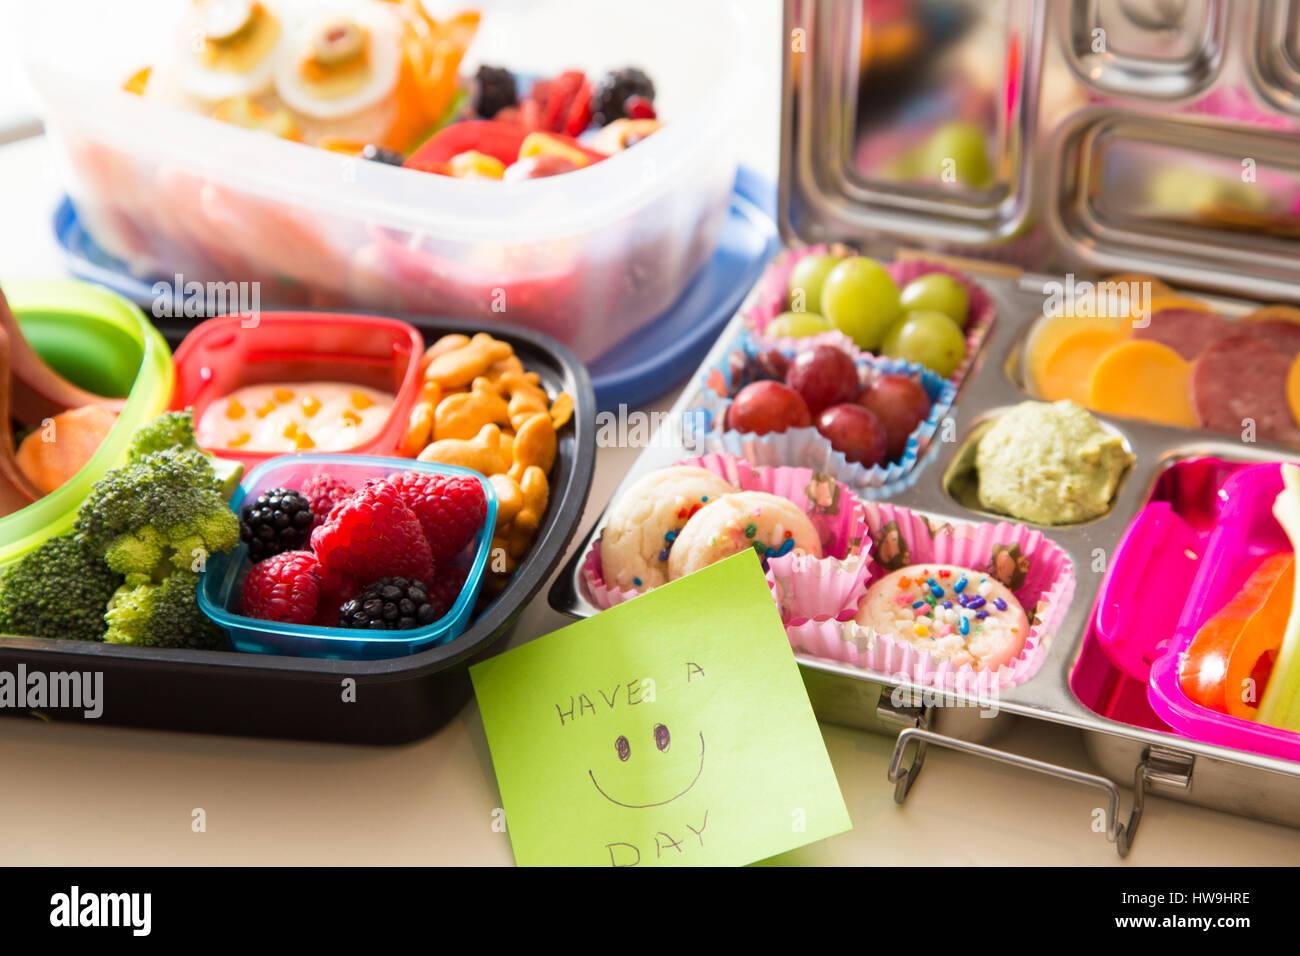 Mom pack un feliz nota de estímulo con un colorido Bento box lunch empacado con frutas, verduras saludables Imagen De Stock